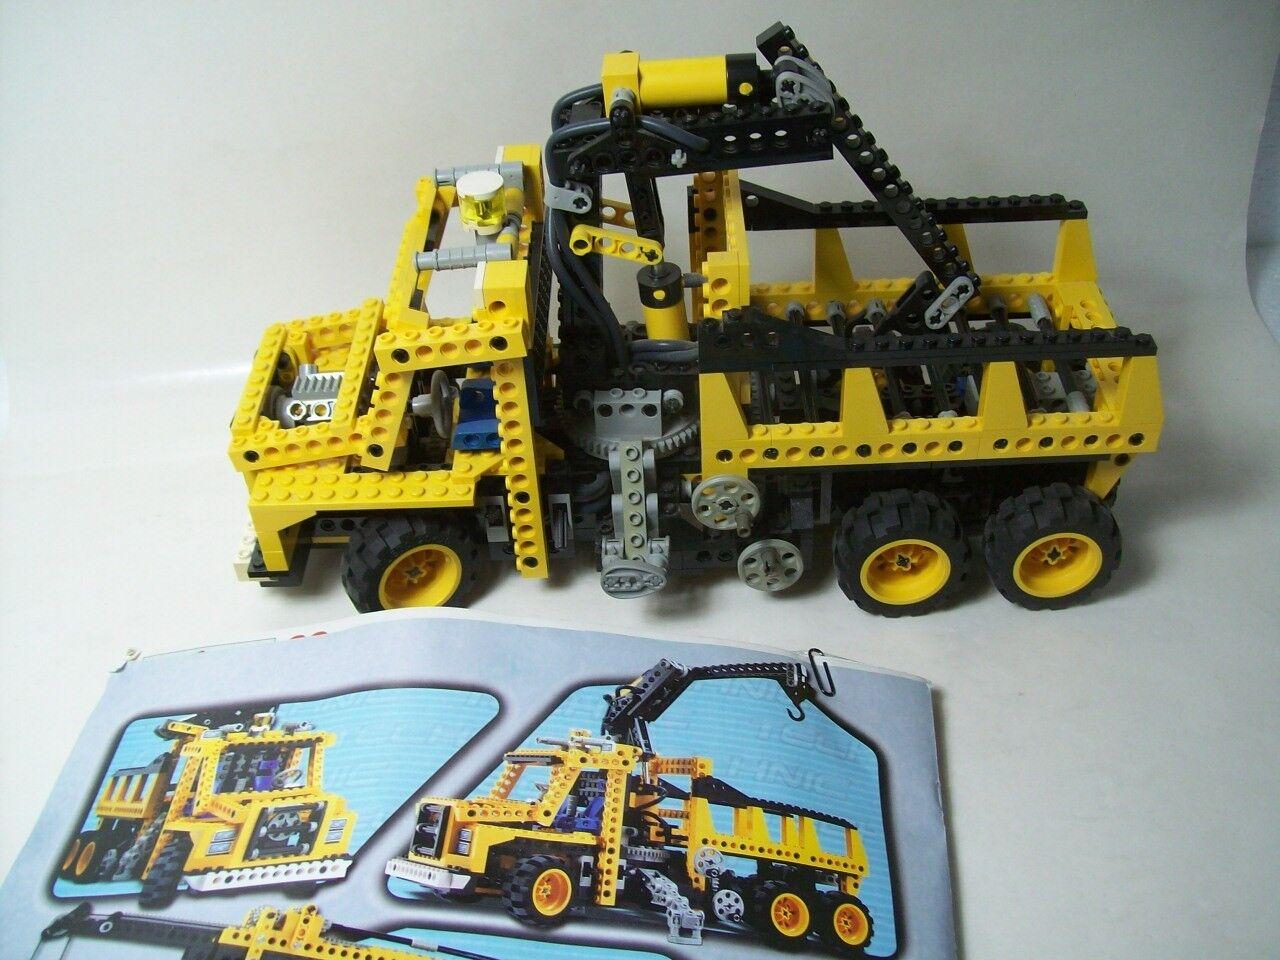 Lego Technic 8431 8431 8431 LKW mit Ladekran Truck + Bauanleitung Kran Restmaterial 4a8ece